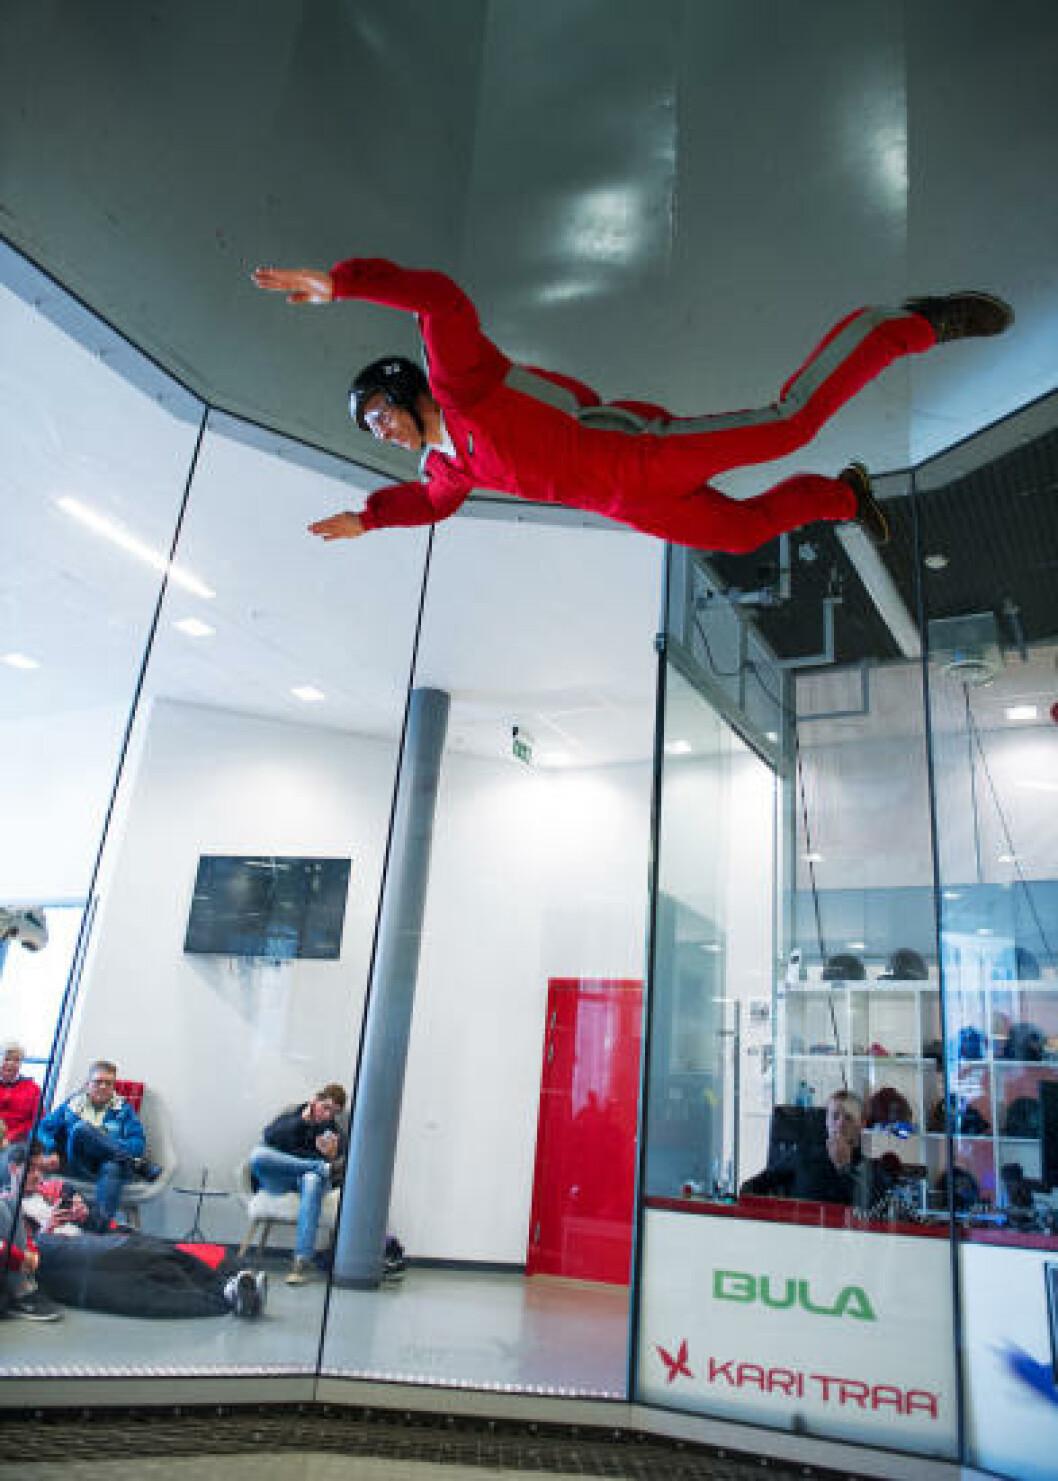 <strong>INNENDØRS FALLSKJERMHOPPING:</strong>  Lurer du på hvordan det er å ligge i fritt fall i et fallskjermhopp?  På Voss kan du oppfylle drømmen, i vindtunnel.  Aldersgrensen er ikke høyere enn fem år, så her kan de fleste få seg en luftig opplevelse. Foto: FRØYDIS ASP ORMAASEN